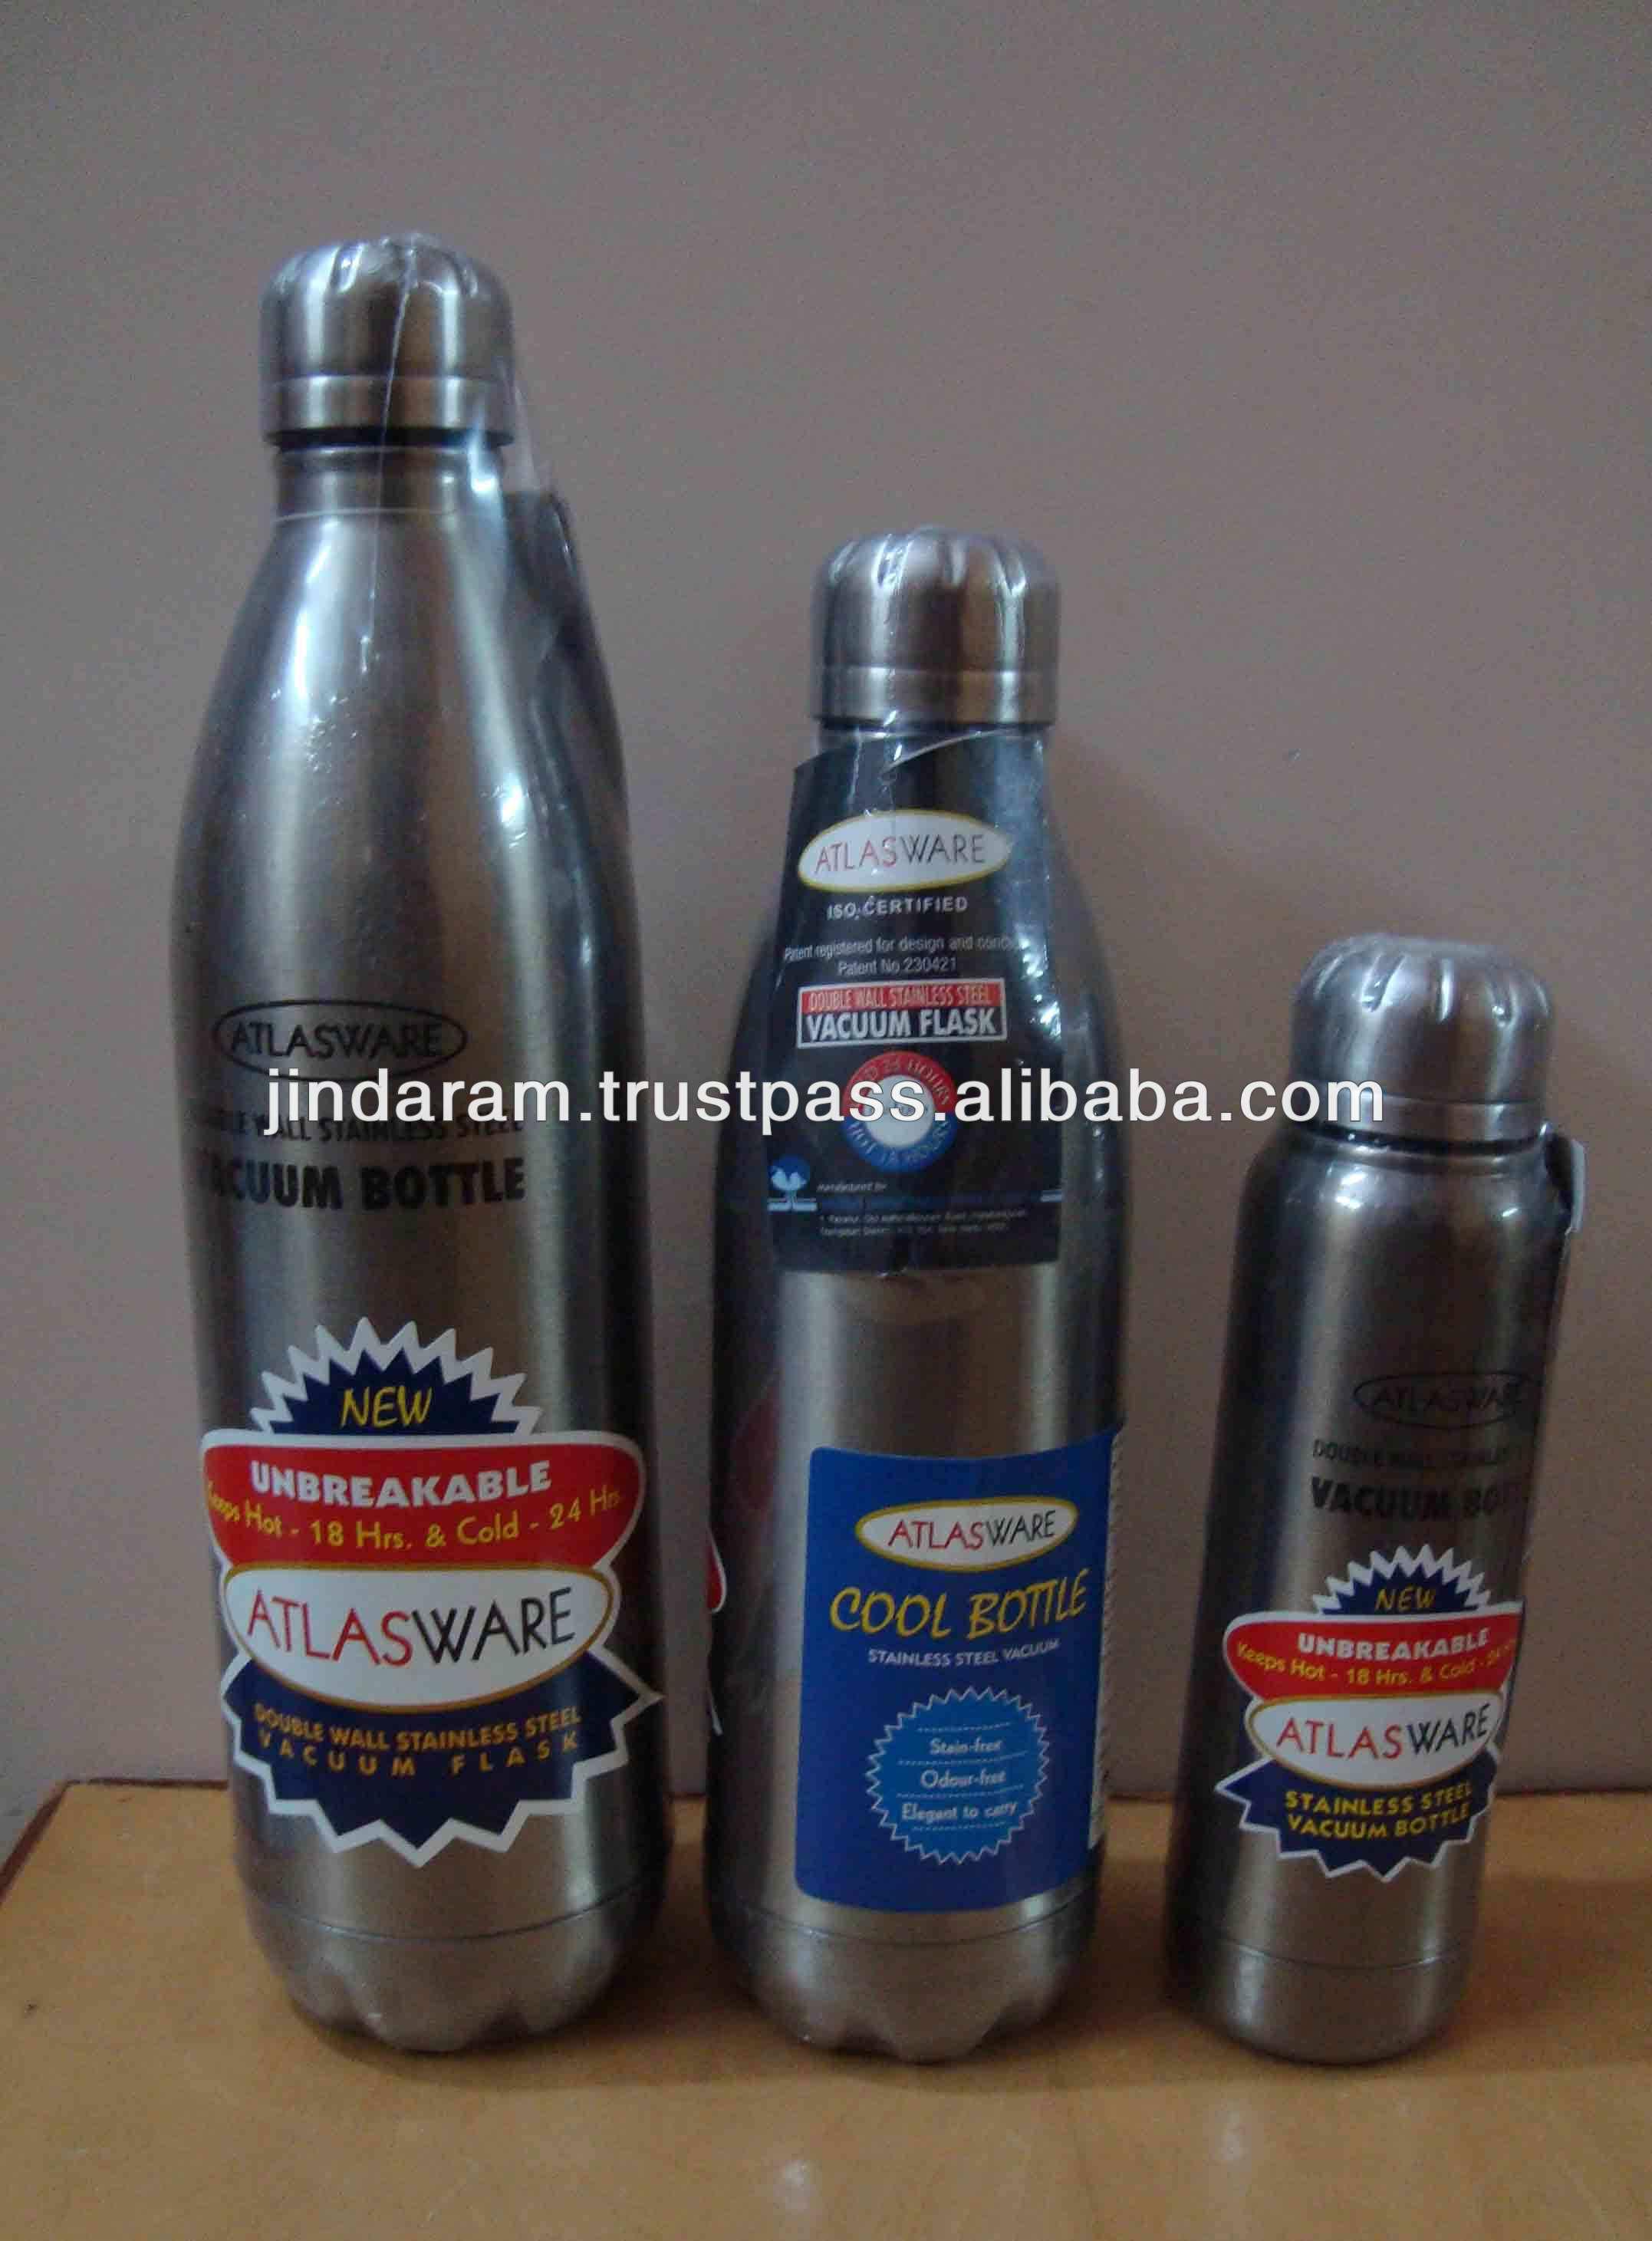 water bottle atlasware steel.jpg